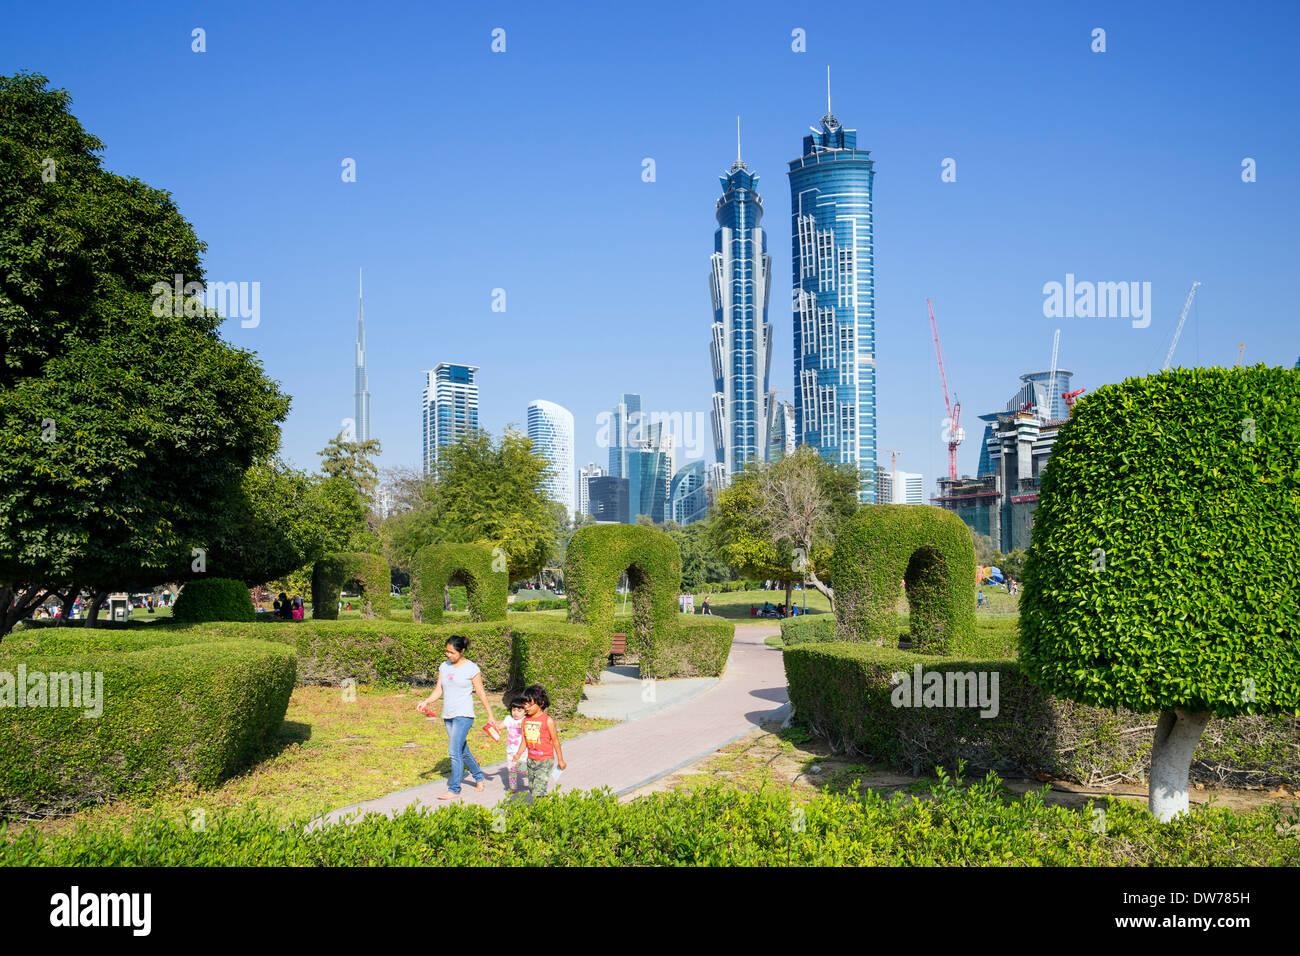 Laberinto garden y el horizonte de la ciudad de Al parque Safa en Dubai, Emiratos Árabes Unidos Imagen De Stock